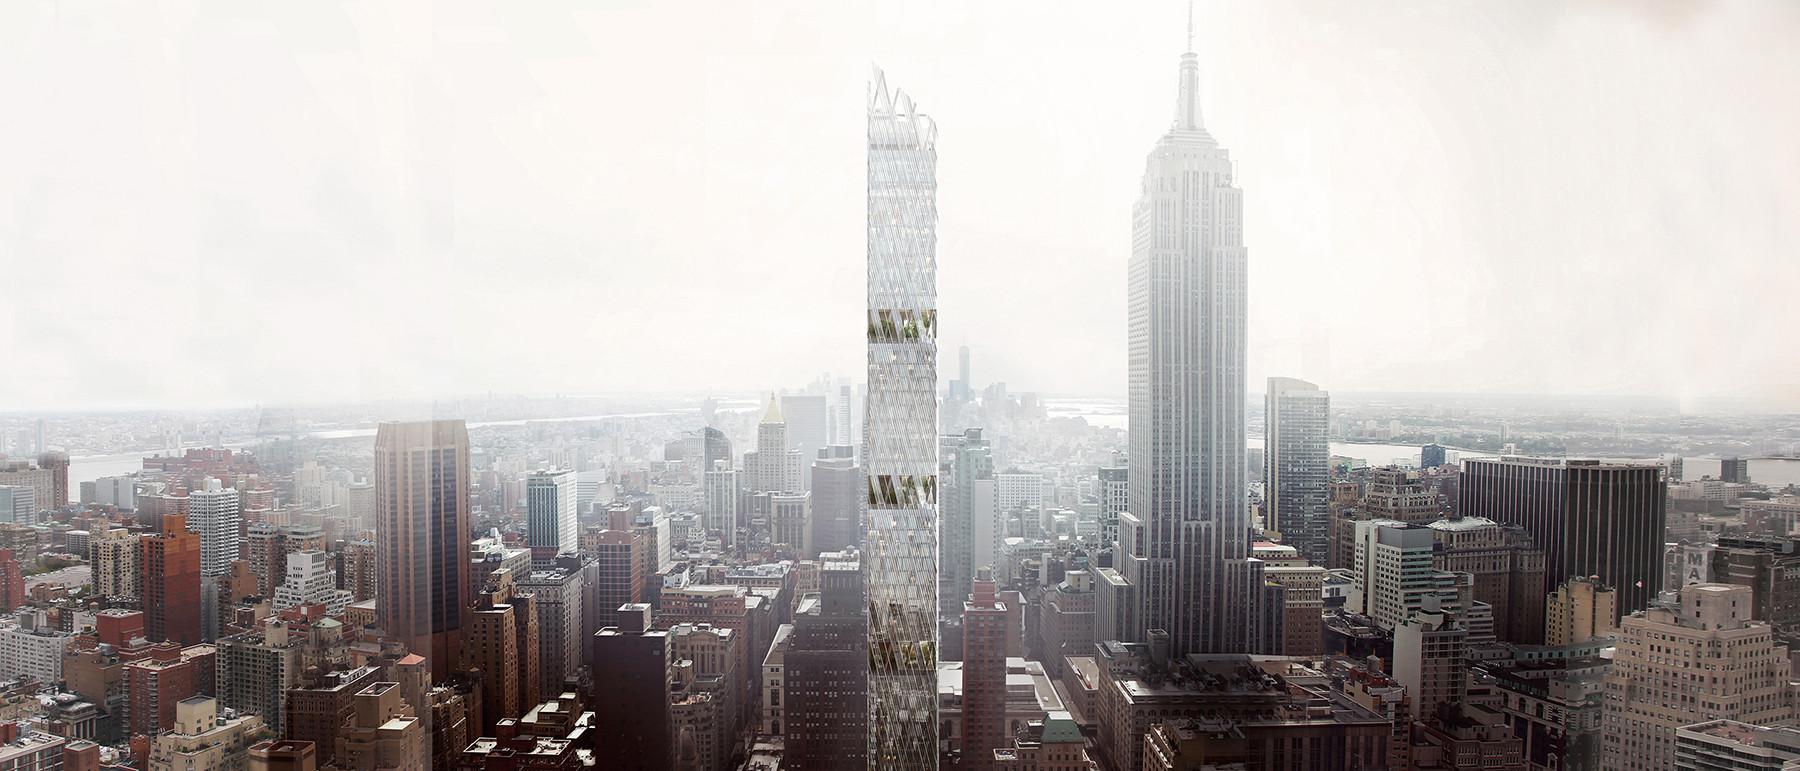 """Perkins+Will's """"Sleek"""" Manhattan Tower to Feature Five Open-Air Gardens, © Perkins+Will / MIR"""